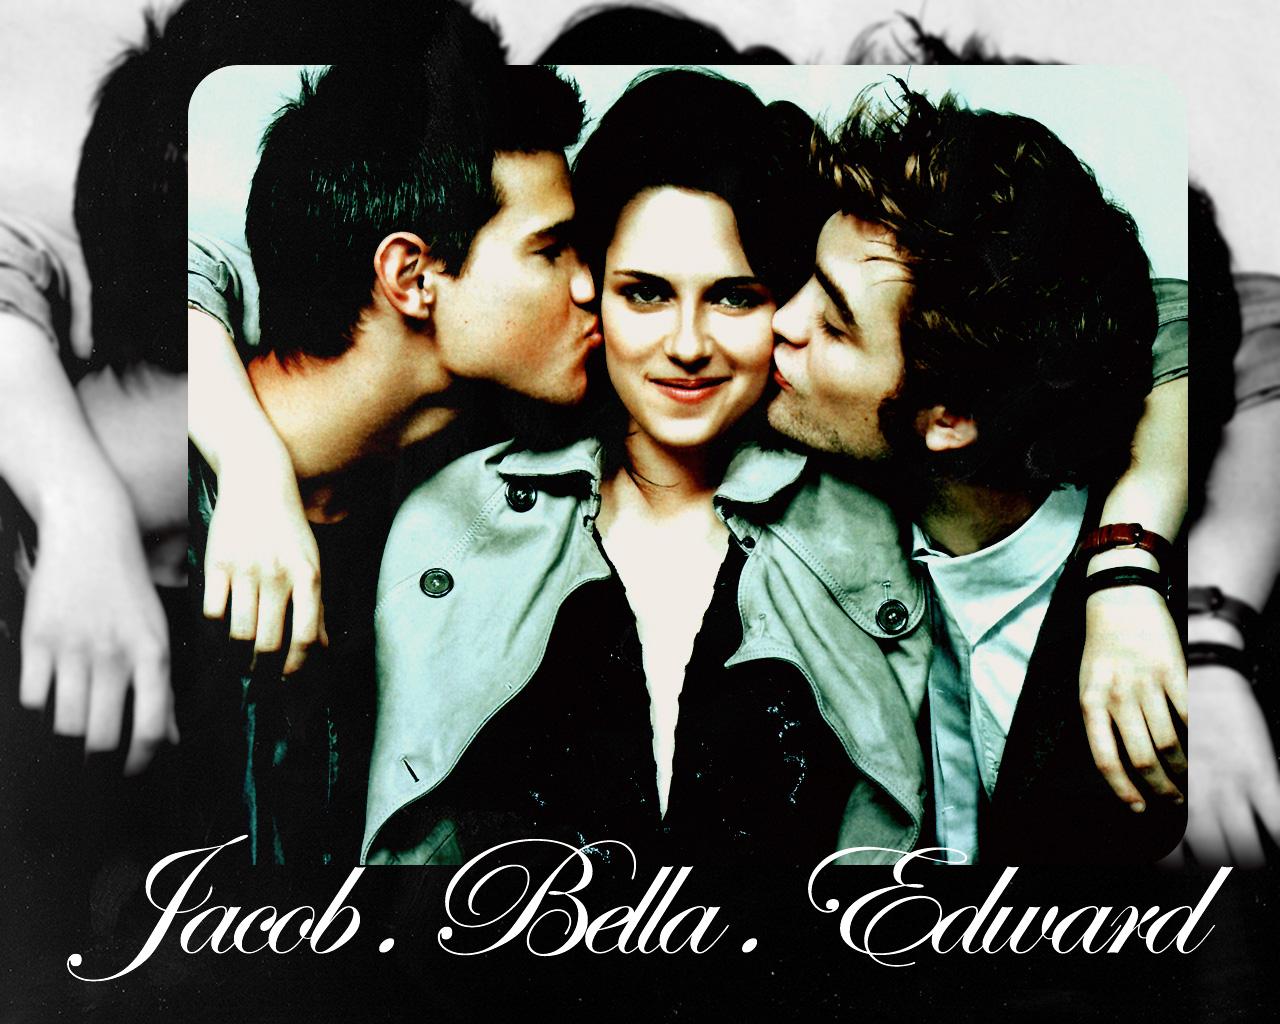 Wallpaper Jacob Bella Edward By Yunaheileen On Deviantart